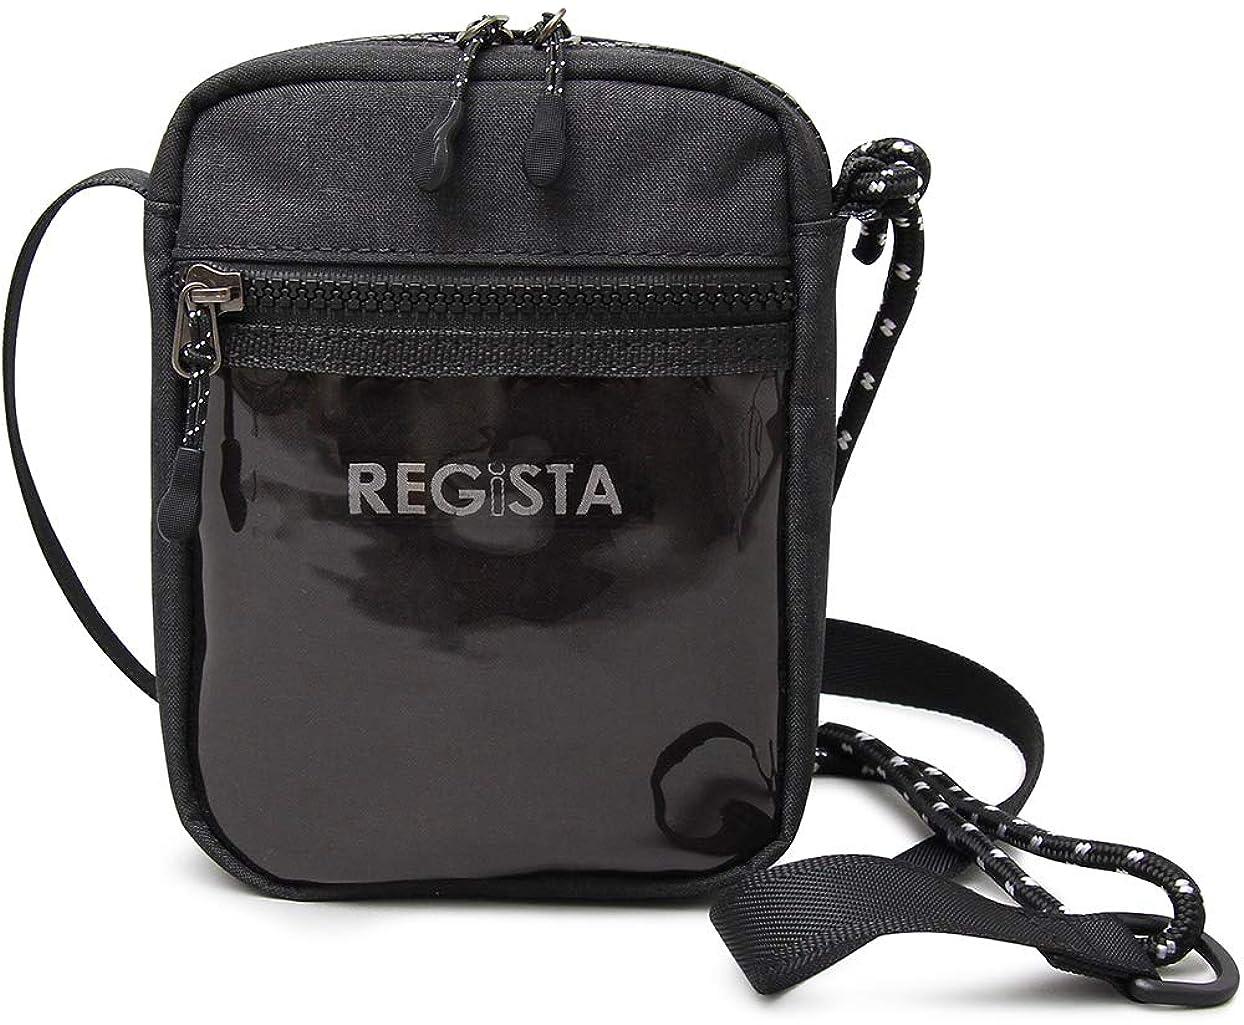 顕著一月祝福[High-end] メンズ ショルダーバッグ ミニバッグ クリアポケット カジュアルバッグ 鞄 レディース バッグ M1E588_b